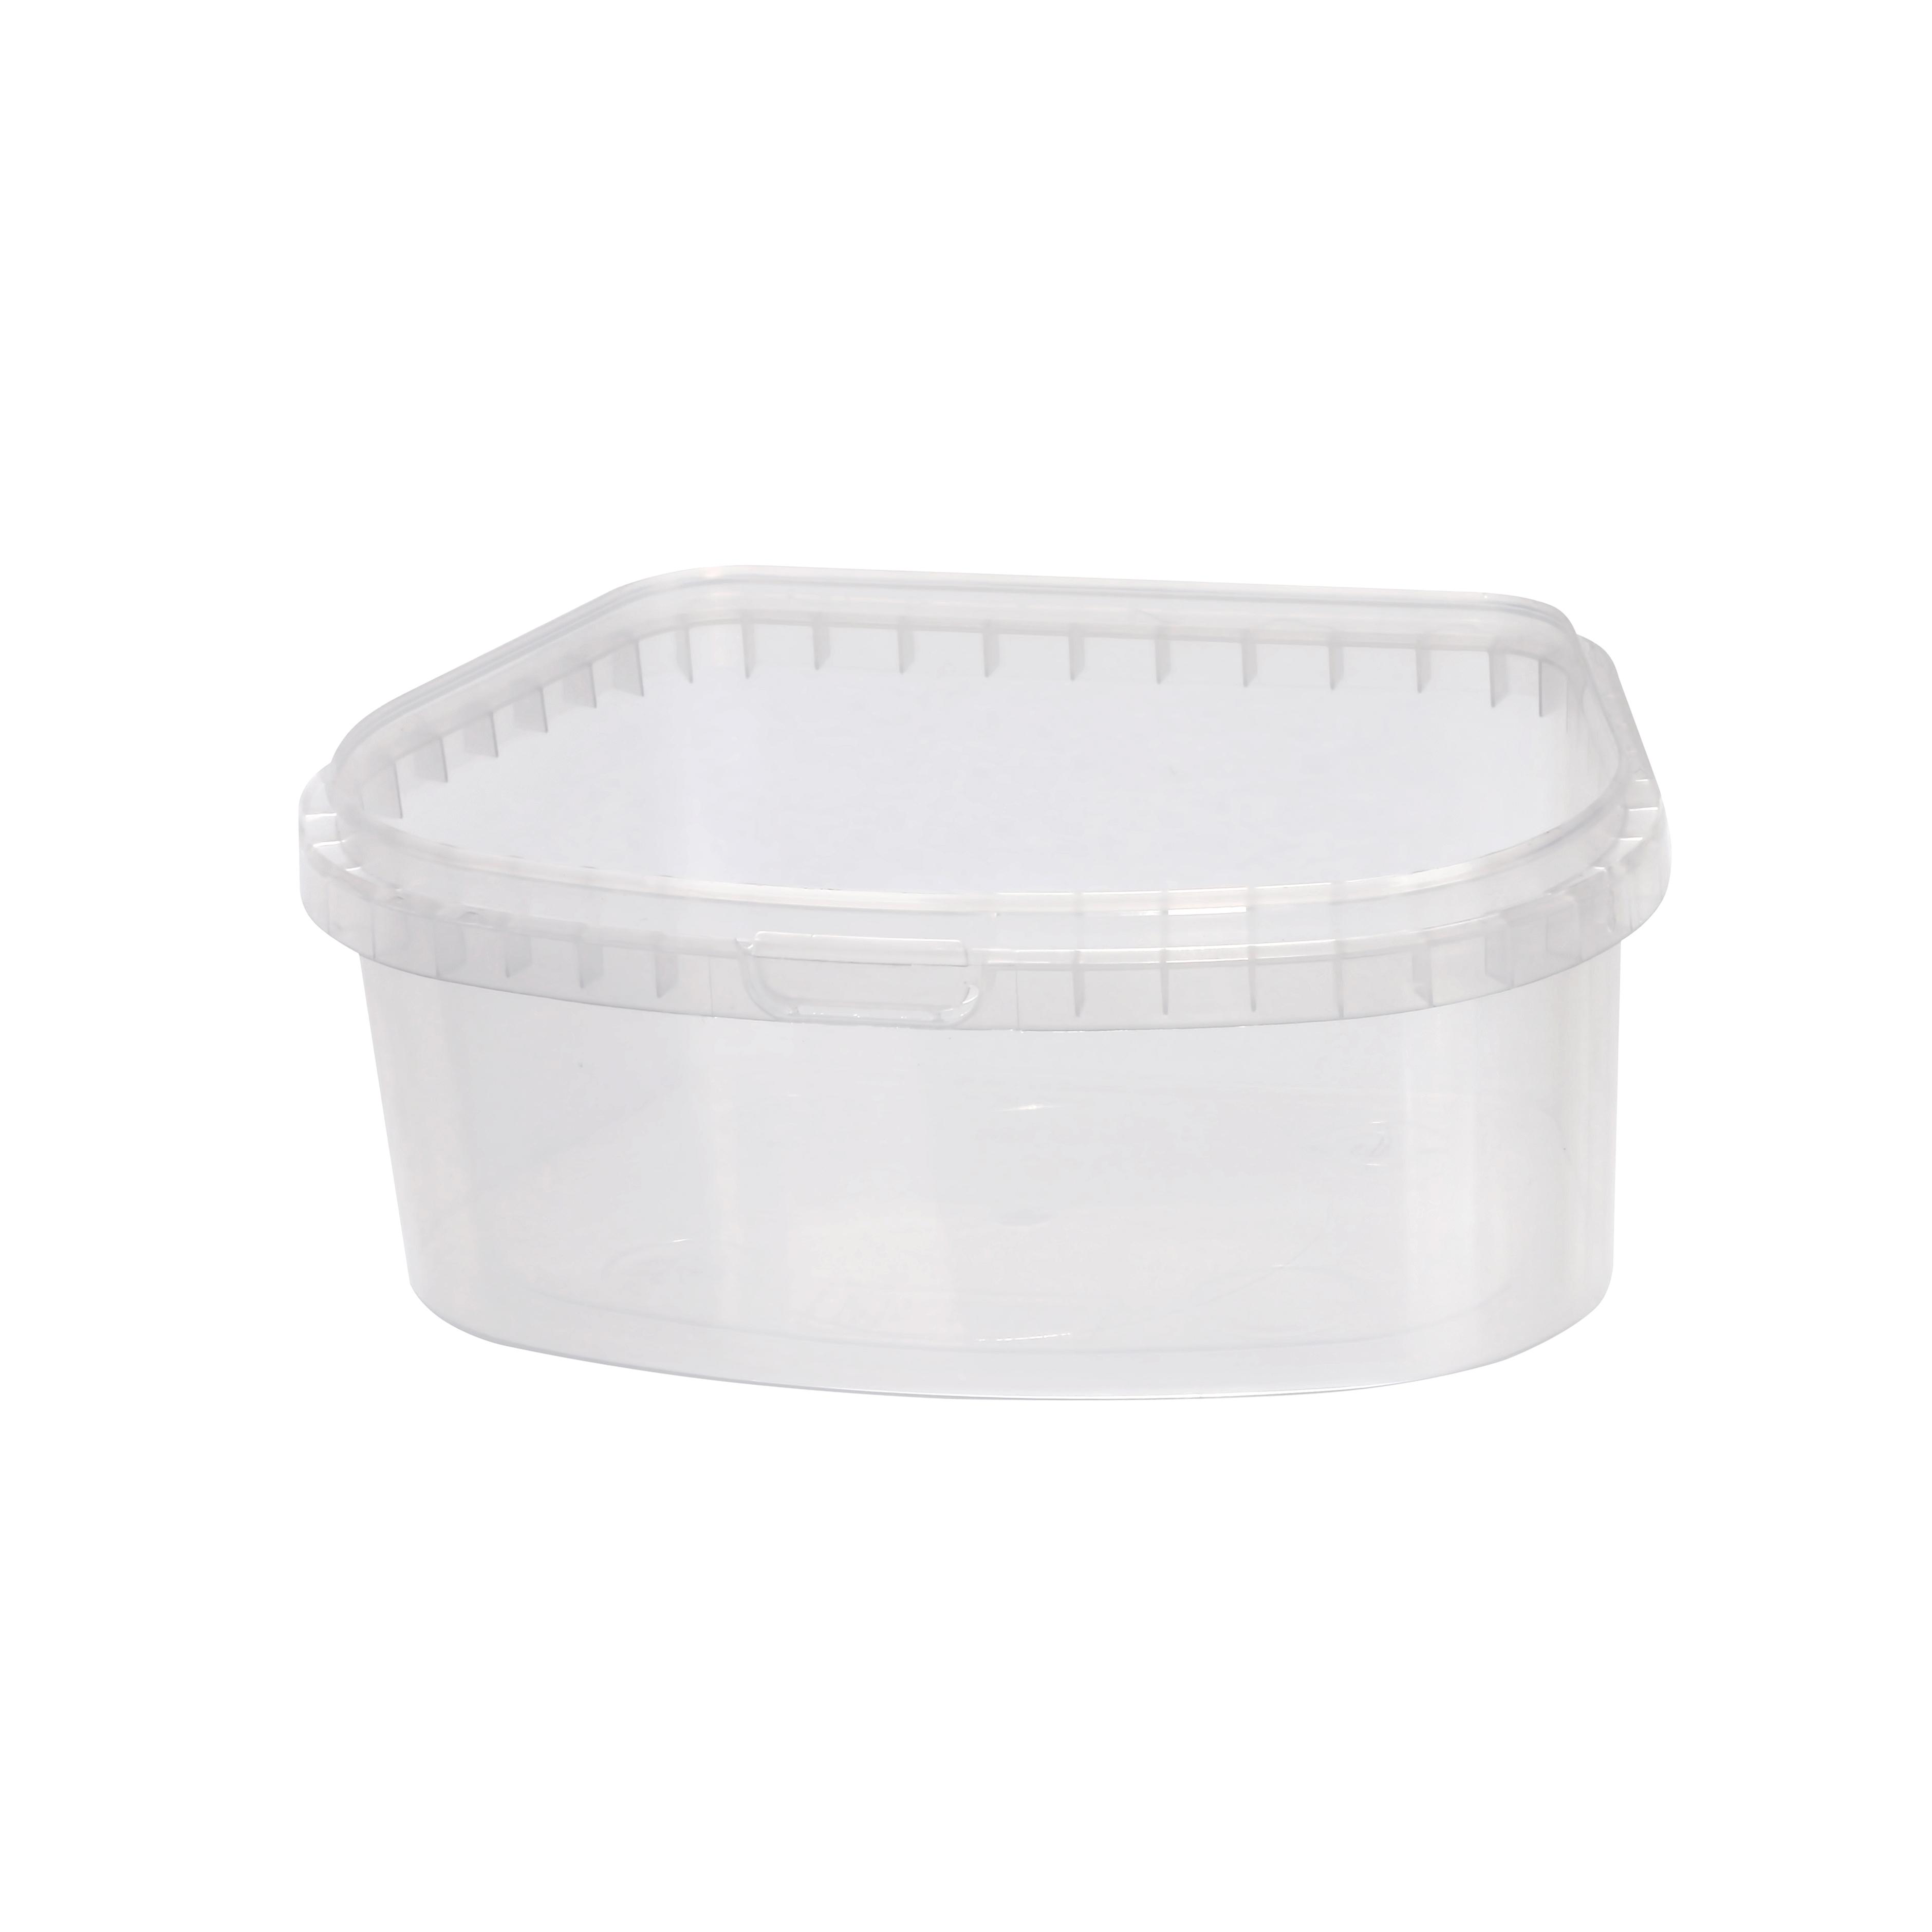 Пластикові  харчові контейнери з контролем відкриття на замовлення в Україні / києві.